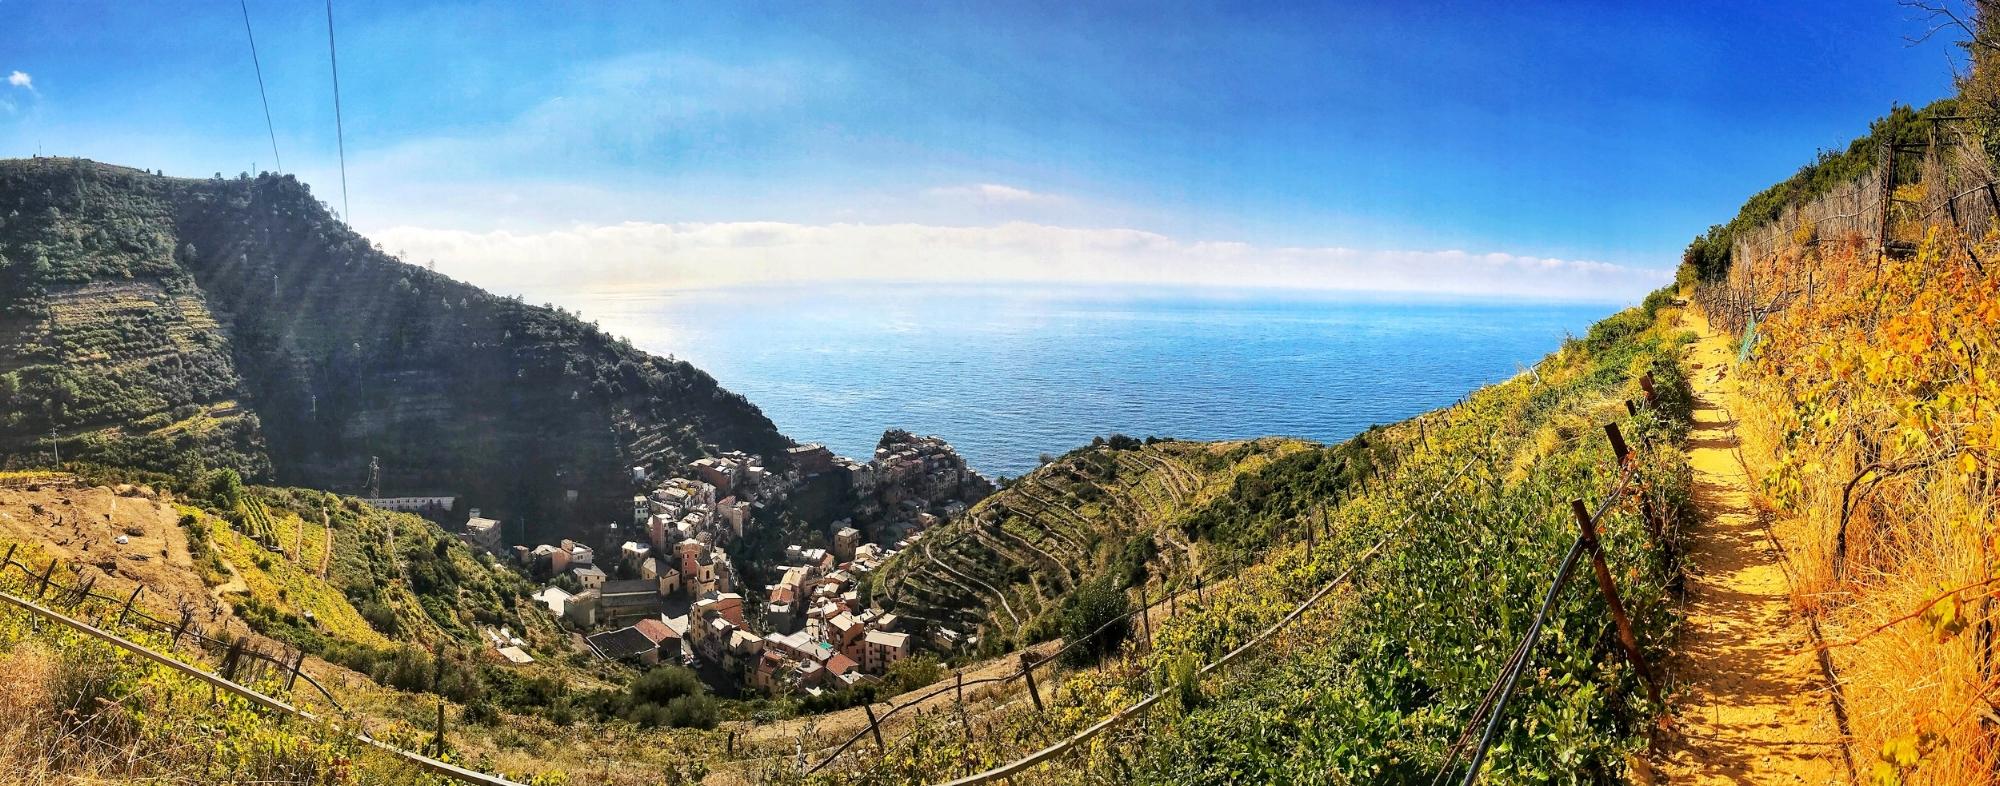 Riomagiore, Cinque Terre.